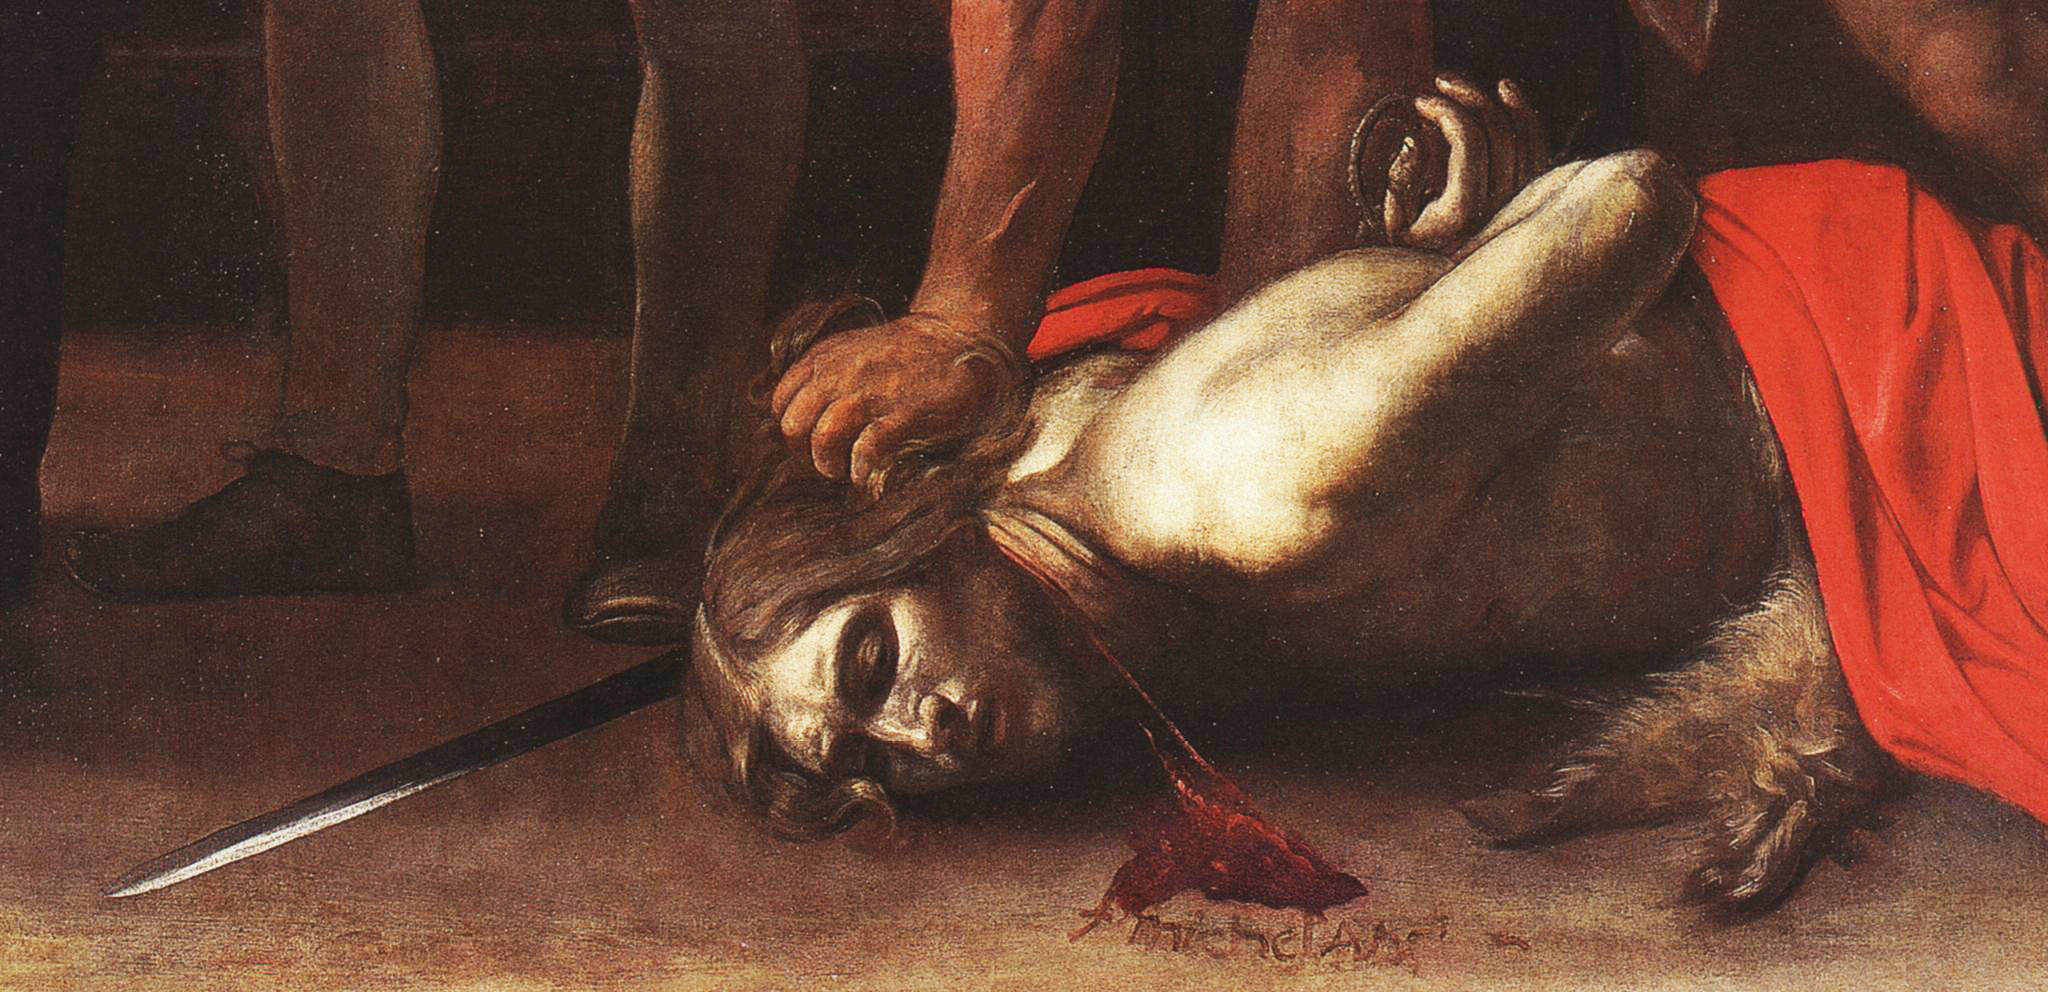 Caravaggio, Decollazione del Battista, dettaglio del Battista con la firma di Caravaggio